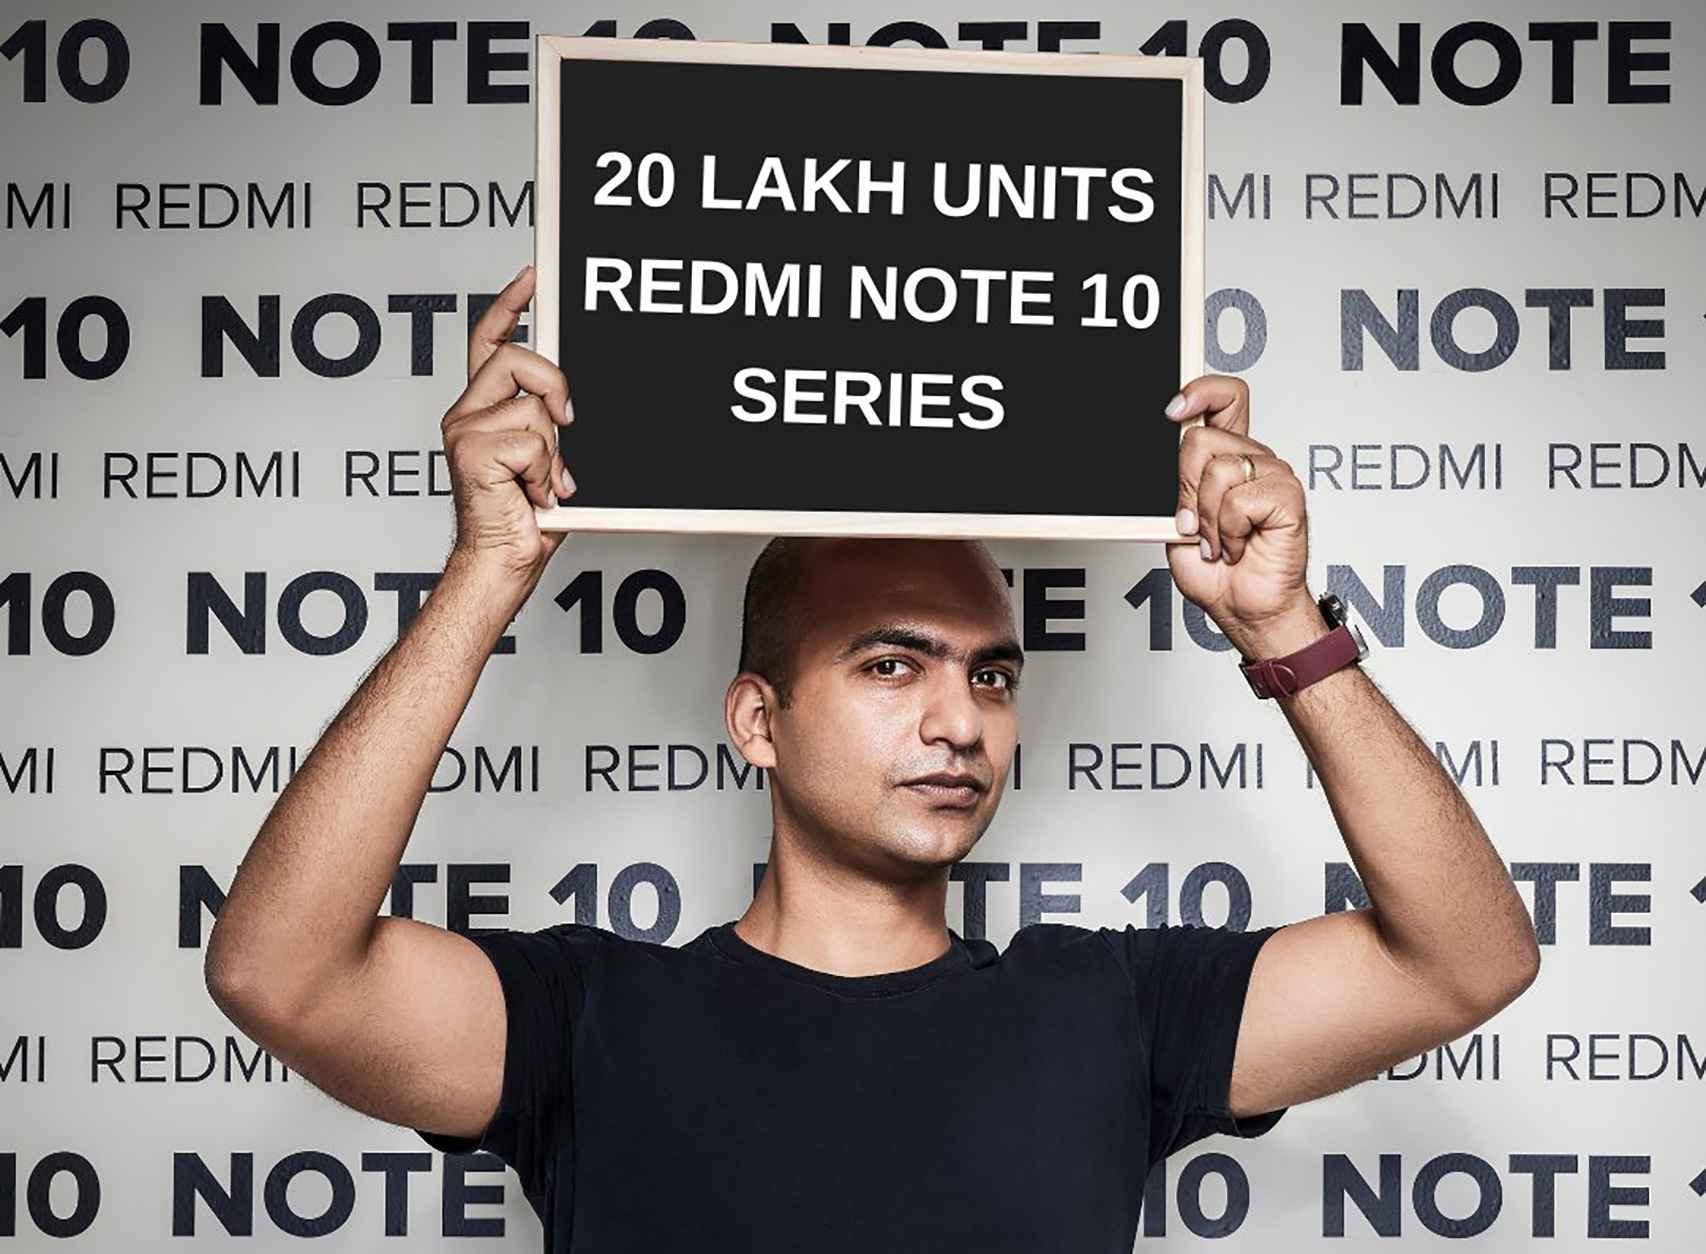 Manu Kumar Jain, director ejecutivo de Xiaomi India